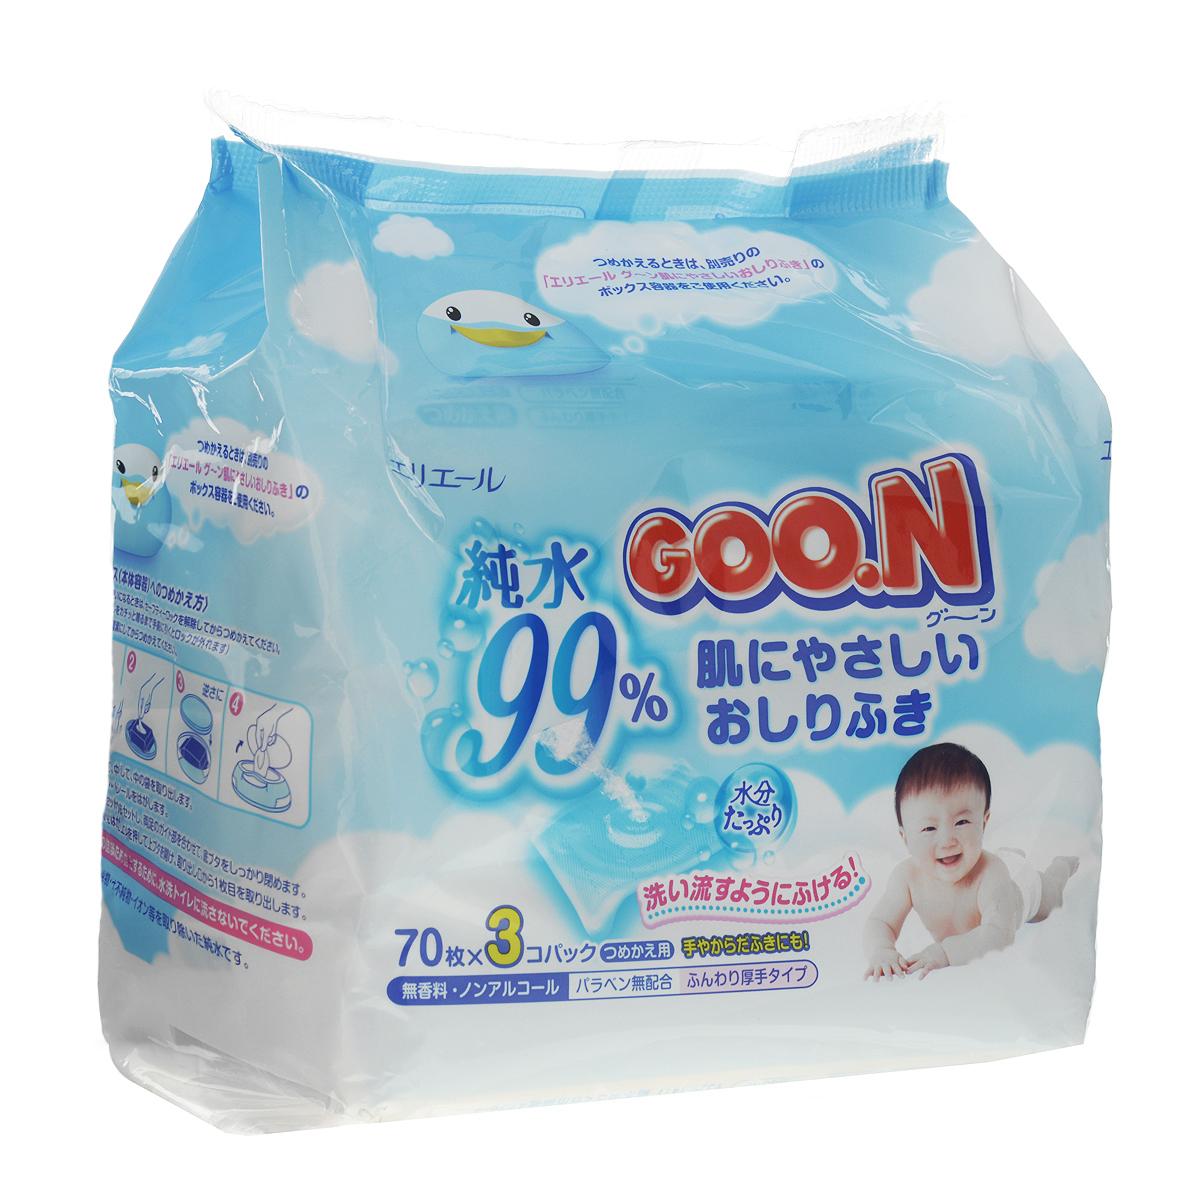 Влажные салфетки для детей Goon, 3х70 шт733344Мягкие салфетки Goon нежно очищают, увлажняют и освежают кожу ребенка. Идеальны для ухода за малышом на прогулках и дома, а также удобны при смене подгузника. Влажные салфетки заботливо очищают, увлажняют и освежают нежную кожу ребенка. Салфетки рекомендуется использовать с первых дней жизни малыша. Салфетки имеют специально разработанную сетчатую поверхность. Благодаря высокому содержанию влаги эти салфетки без труда удалят грязь, нежно прикасаясь к коже. В состав лосьона, которым пропитаны салфетки, входят 3 натуральных экстракта, которые бережно ухаживают за чувствительной кожей малыша. Товар сертифицирован.